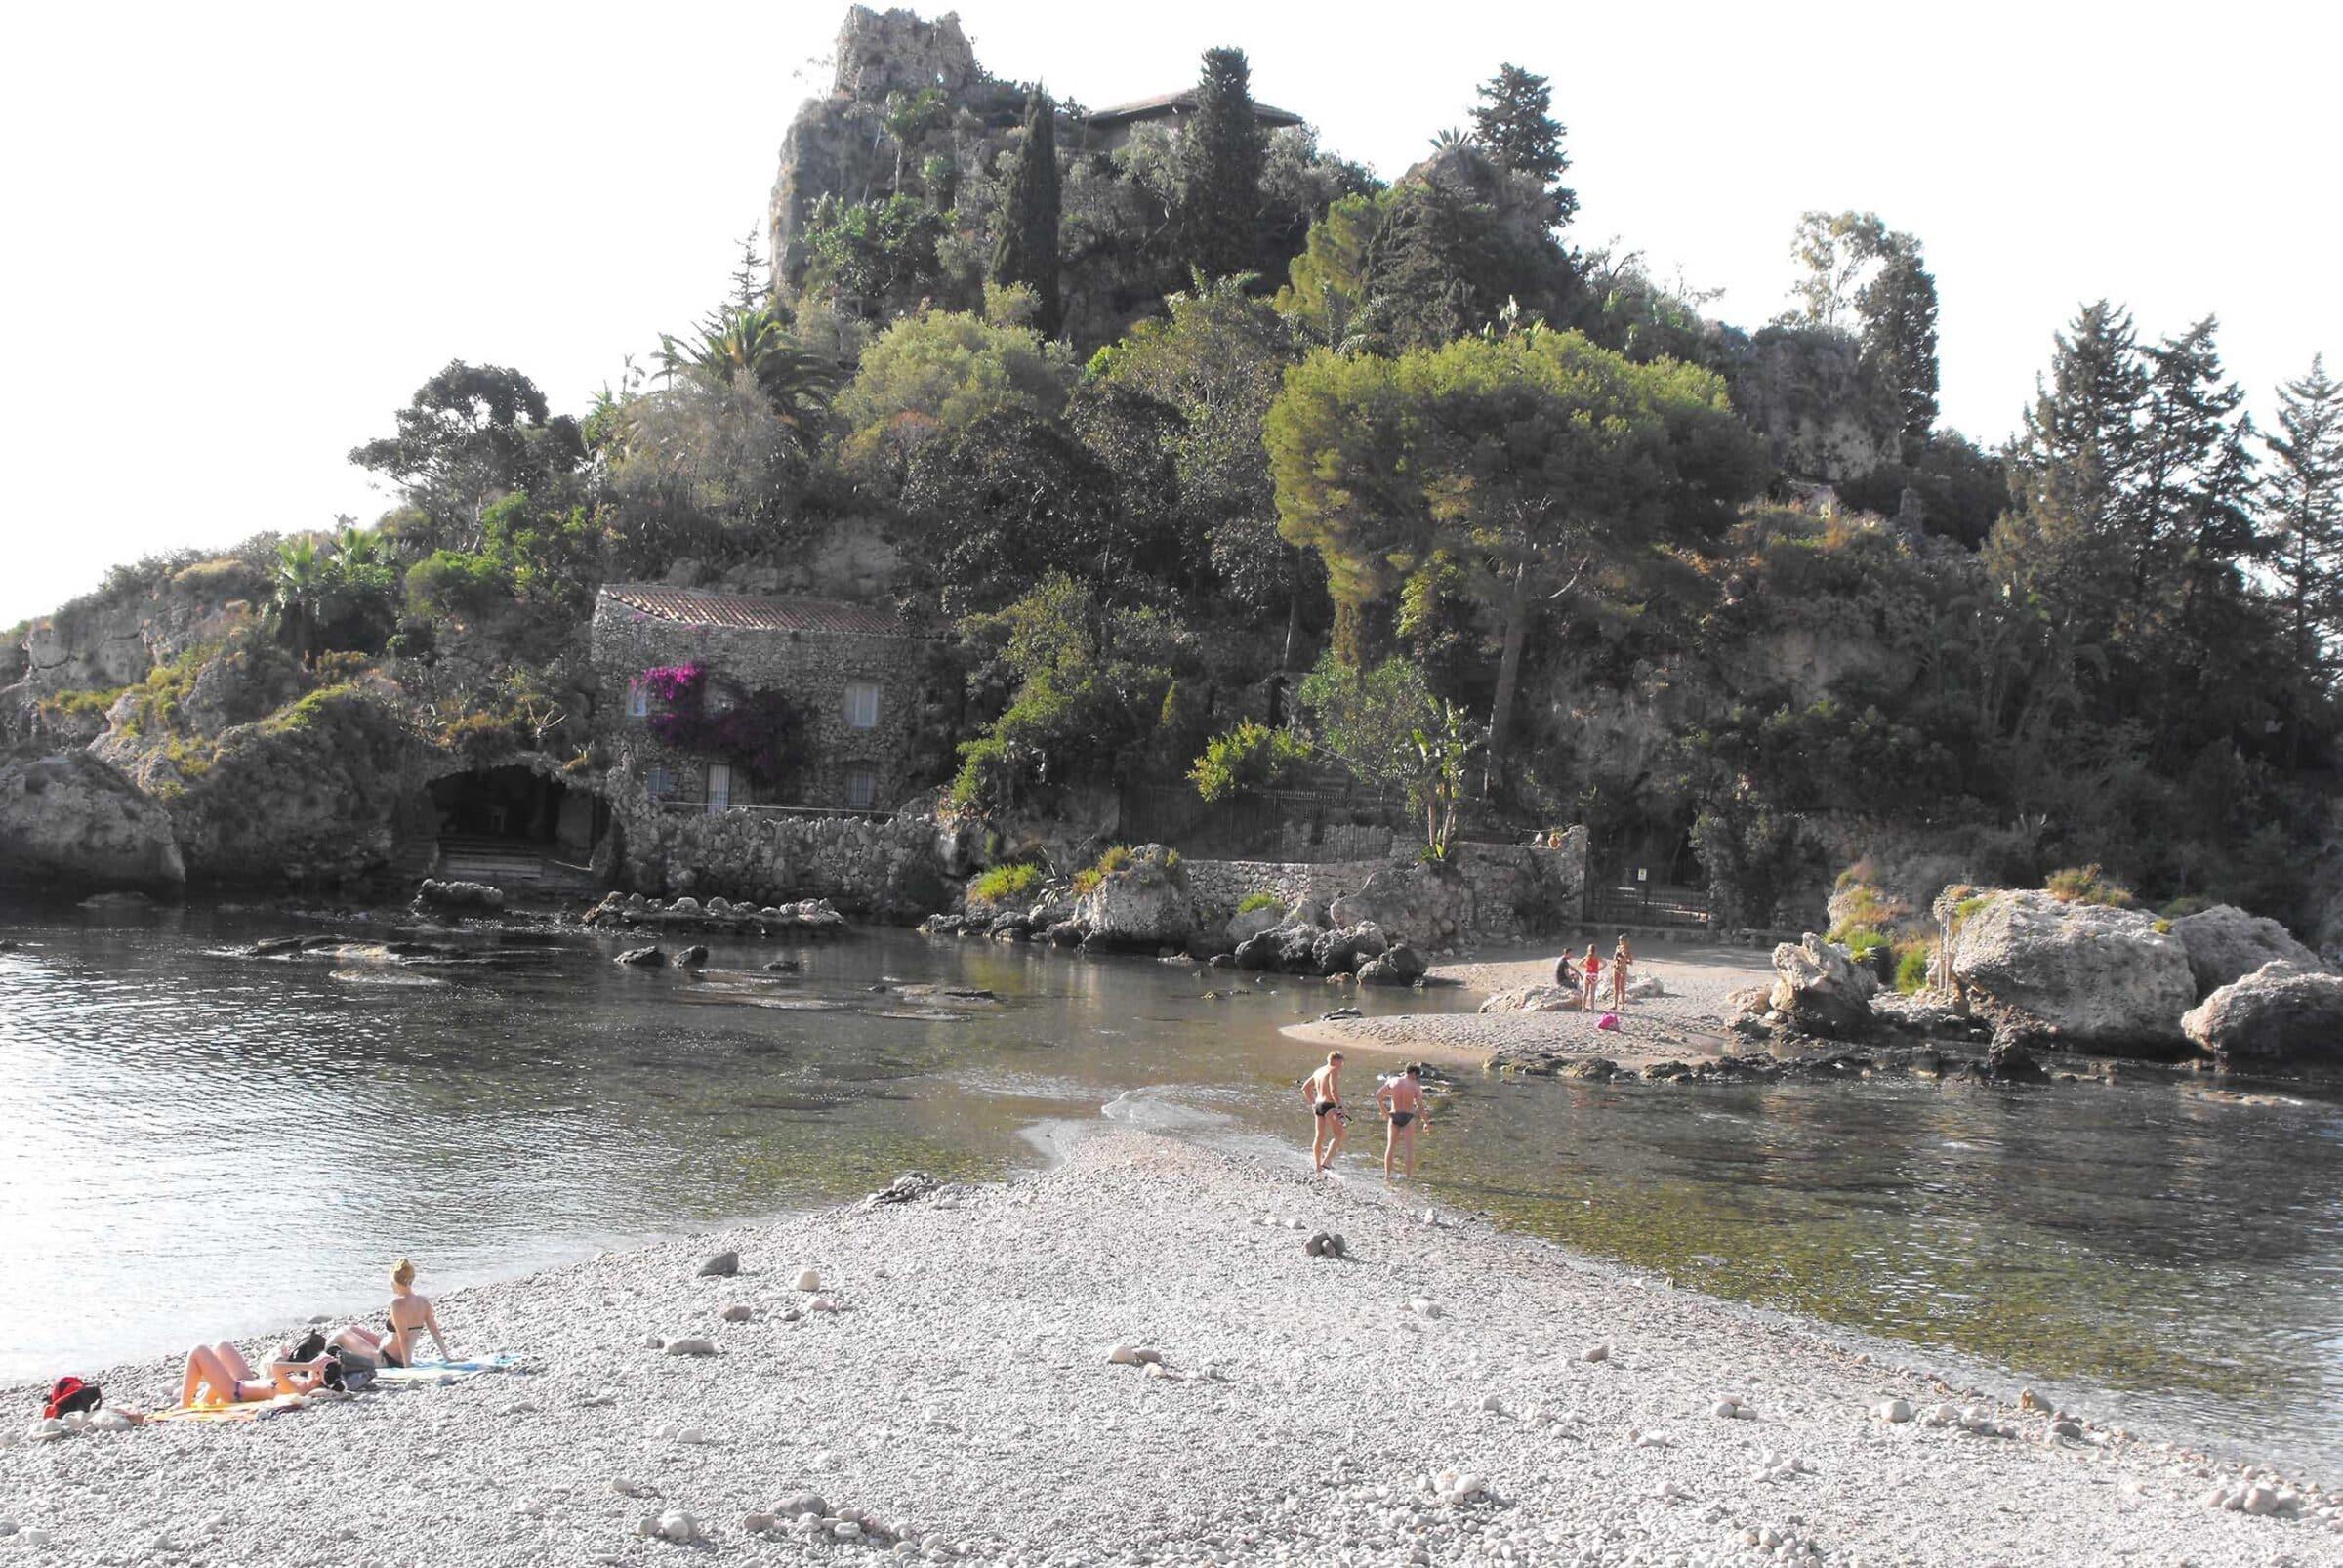 Bonificata la baia di Isola Bella: a lavoro le risorse dell'Università di Catania – FOTO